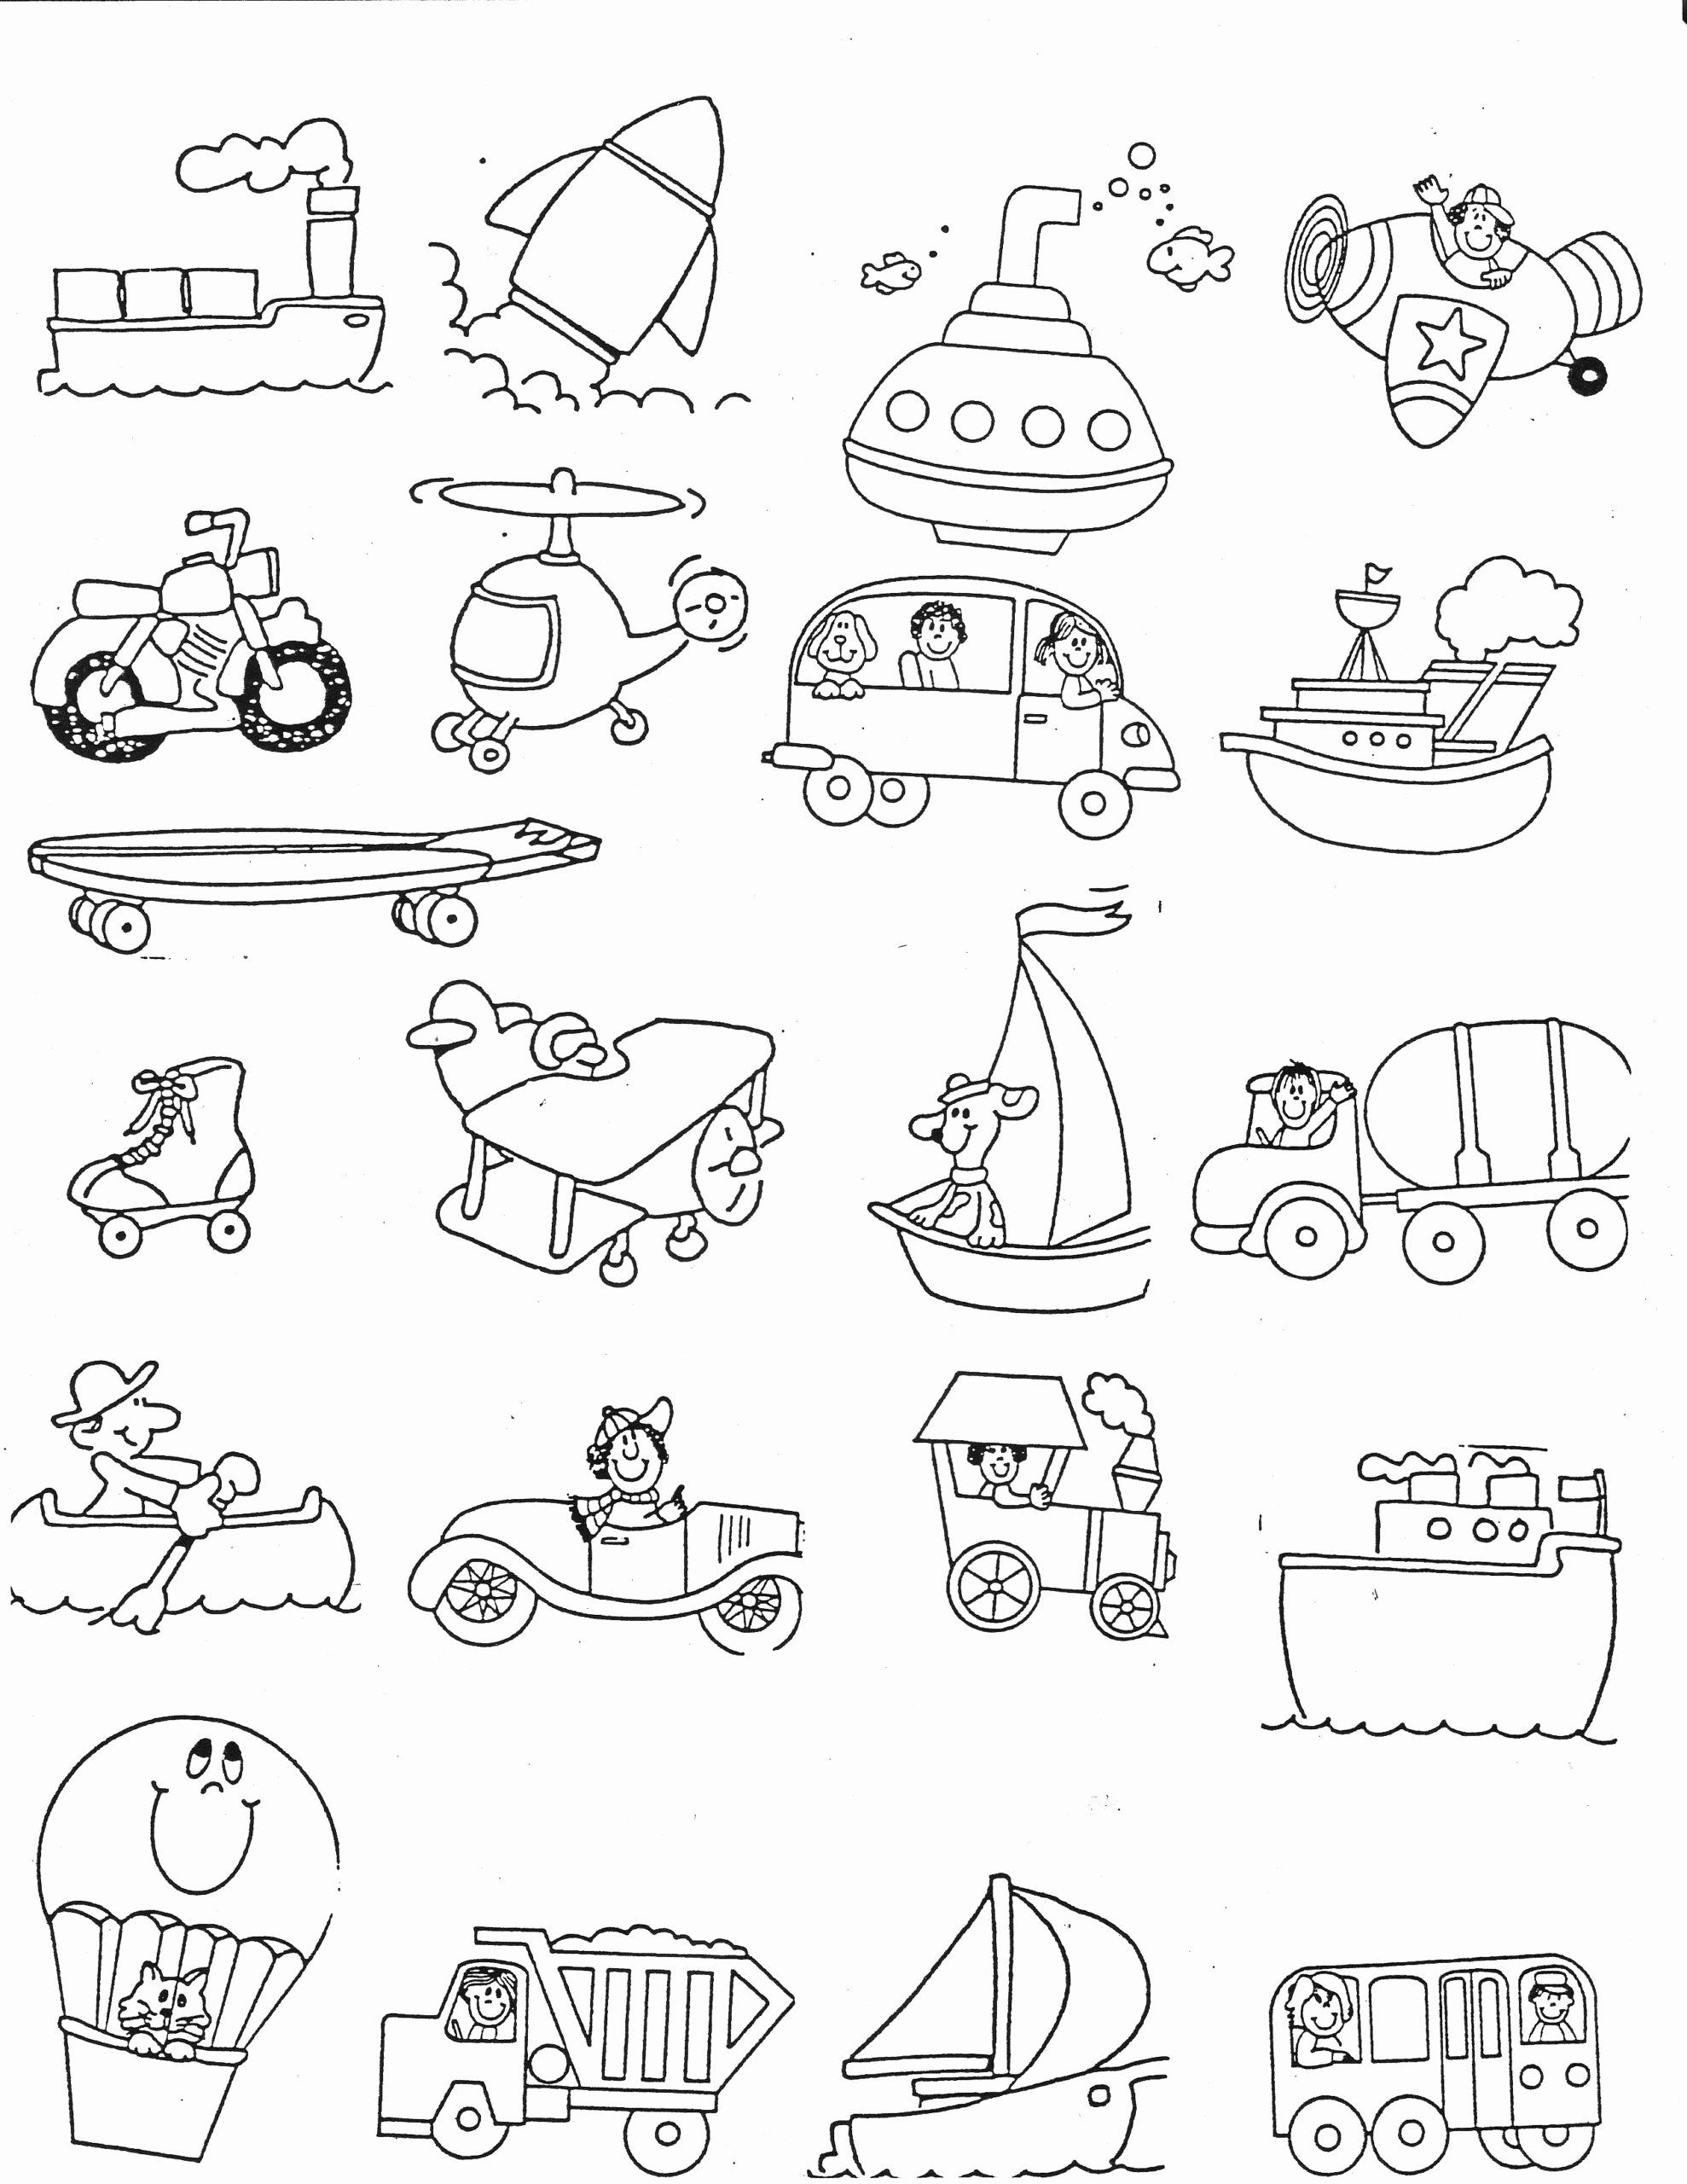 Transport Worksheets for Preschoolers Beautiful Worksheets Preschool Worksheets Transportation